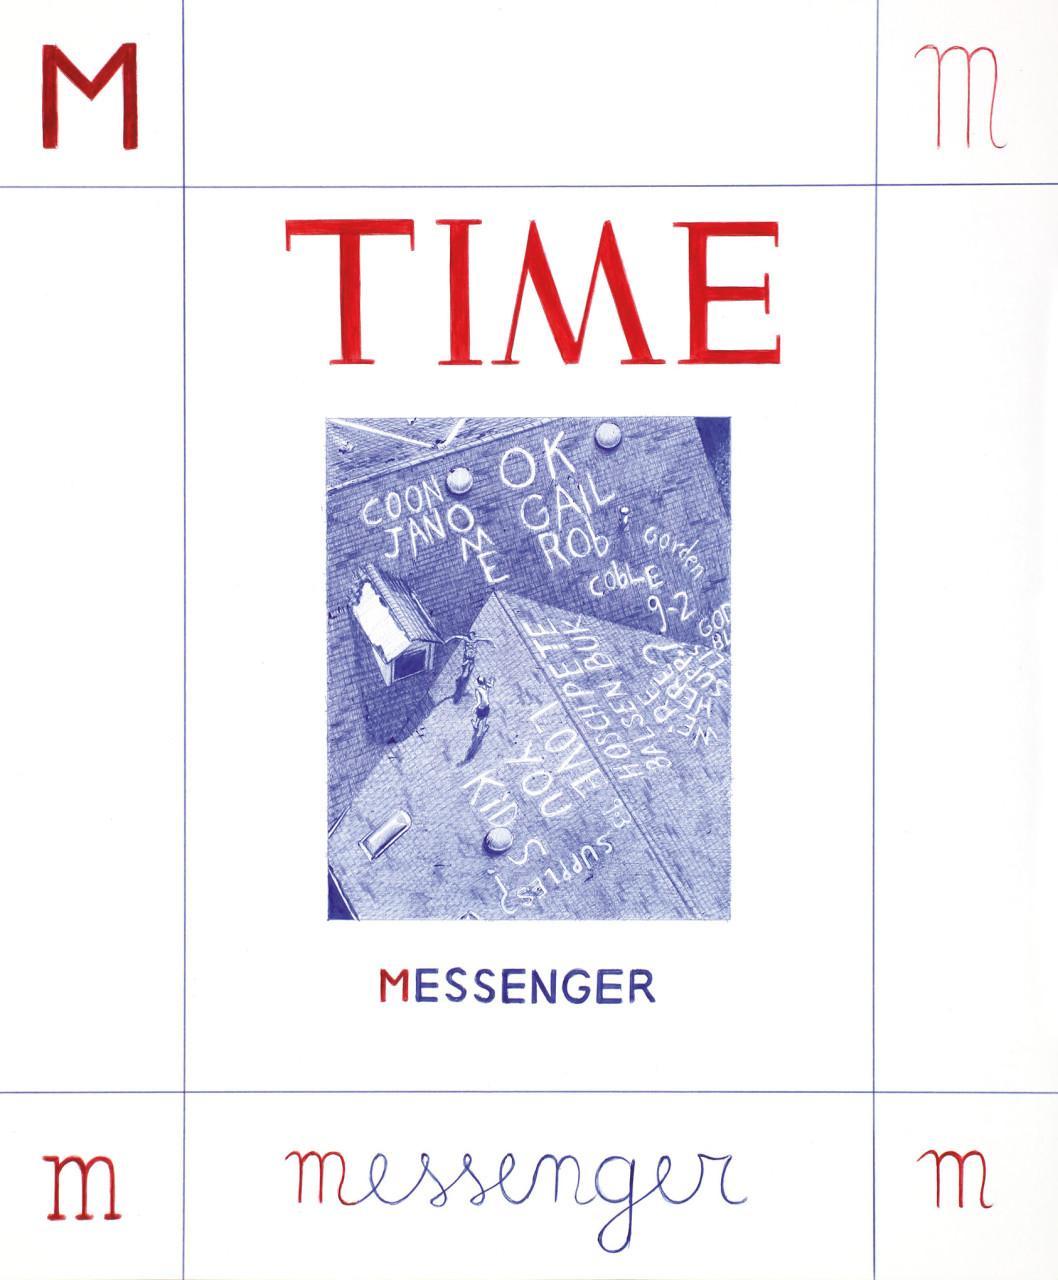 13M-messenger_bassa